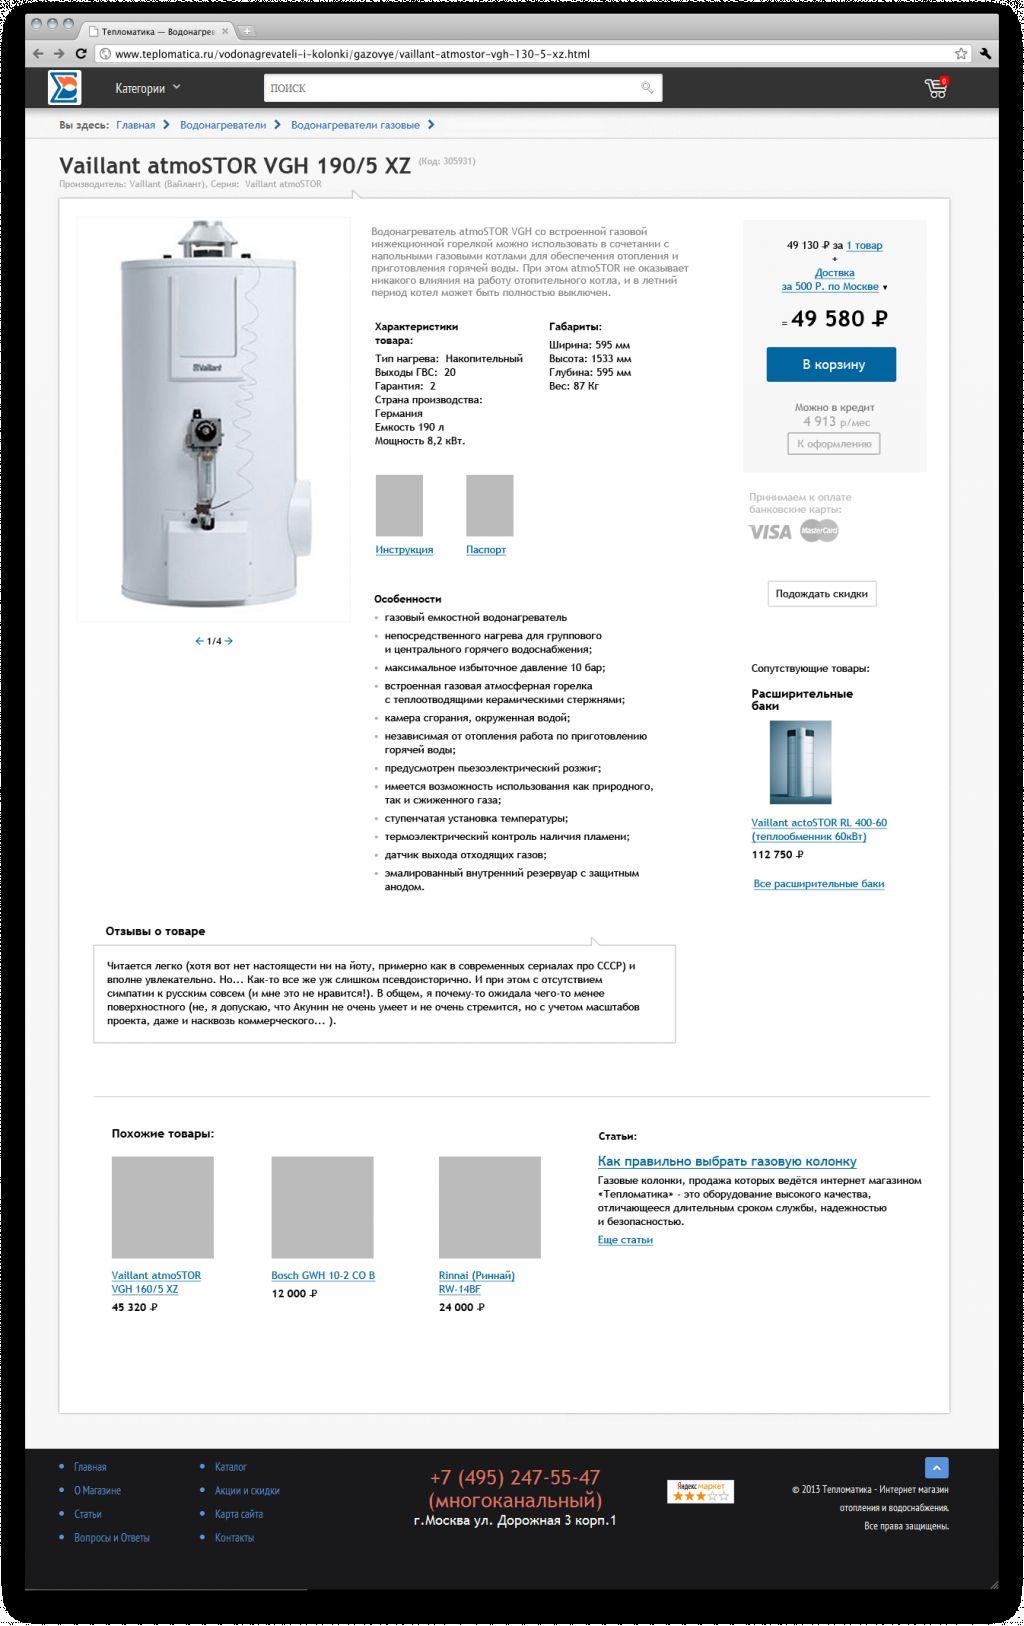 Дизайн продуктовой страницы интернет-магазина - дизайнер zhs